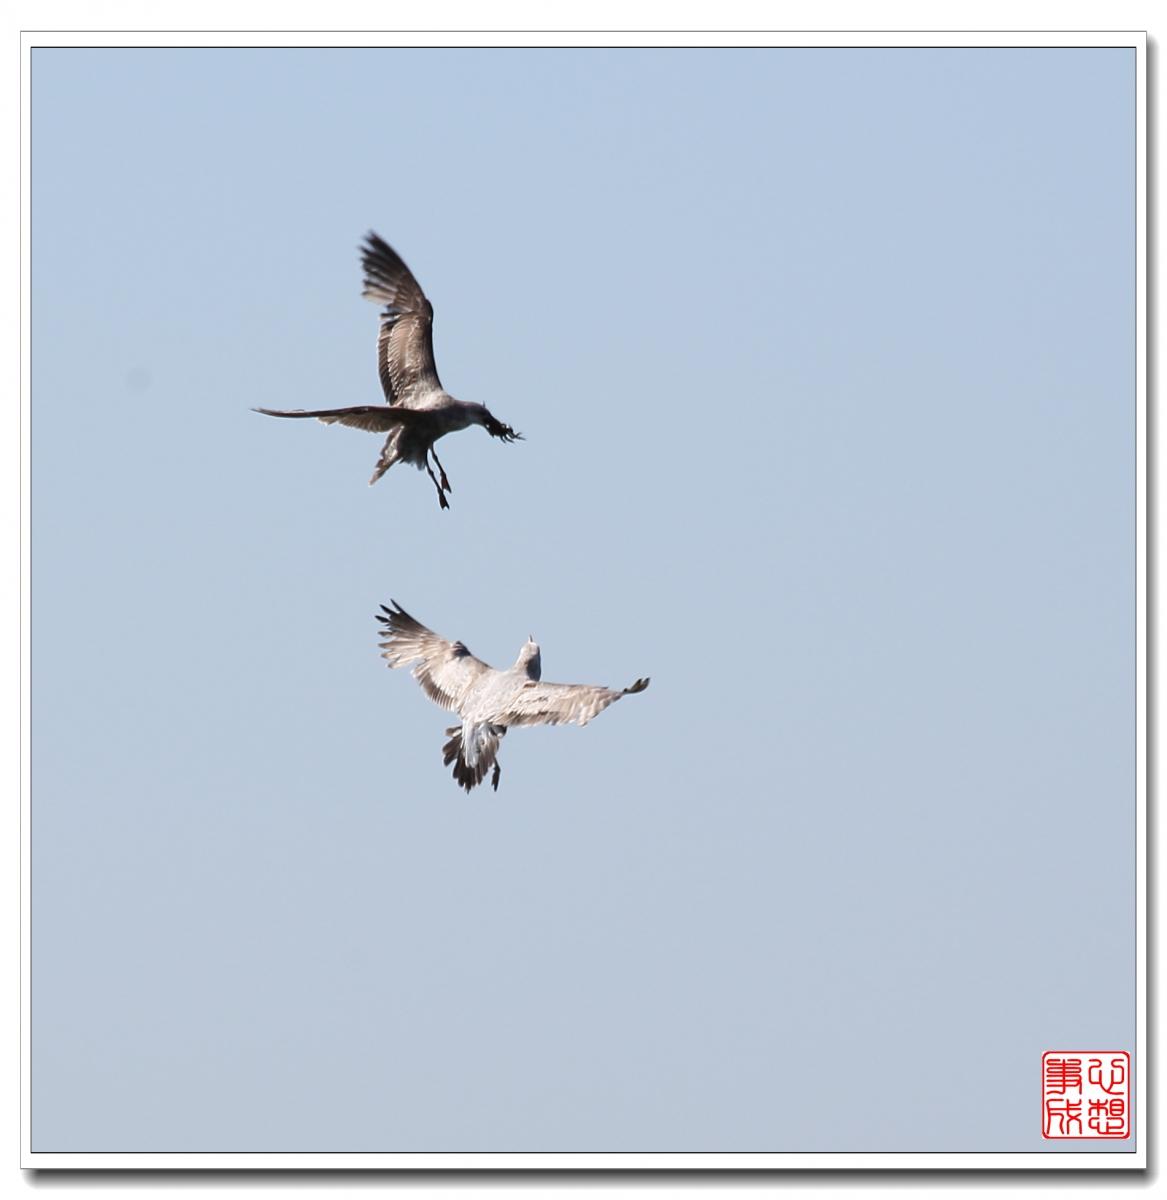 【心想事成】空中表演-海鸥_图1-8